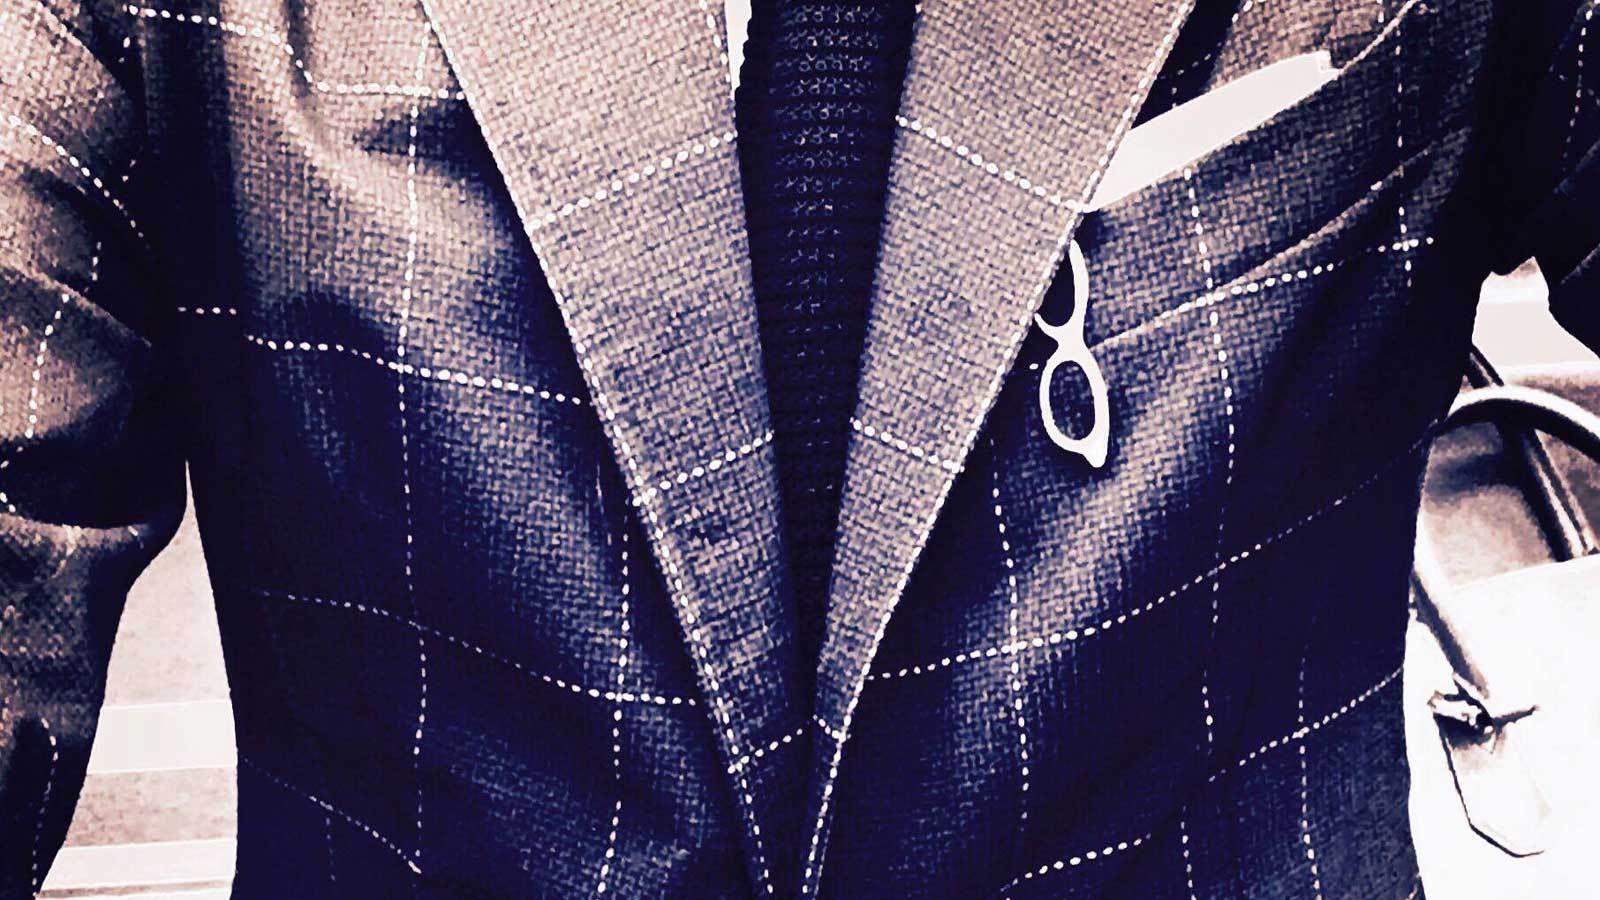 ダメな男はジャケットの着こなしを知らない | 今さら聞けないビジネスファッションの作法